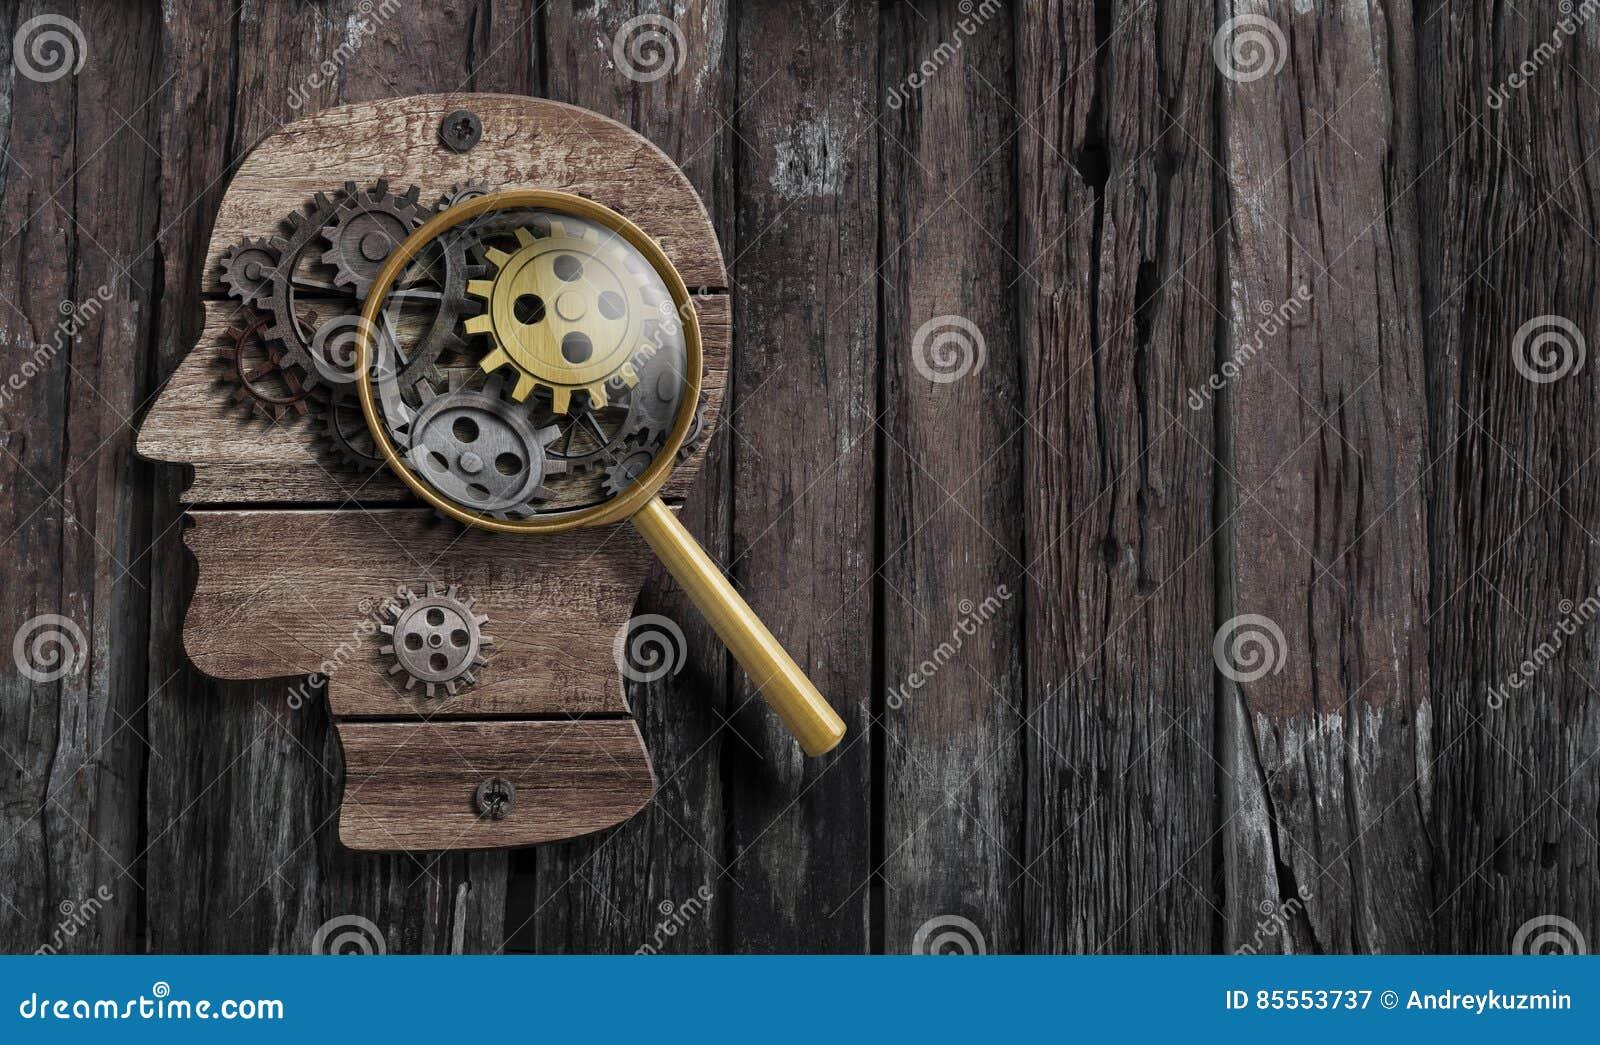 心理学或发明构想 脑子作用模型